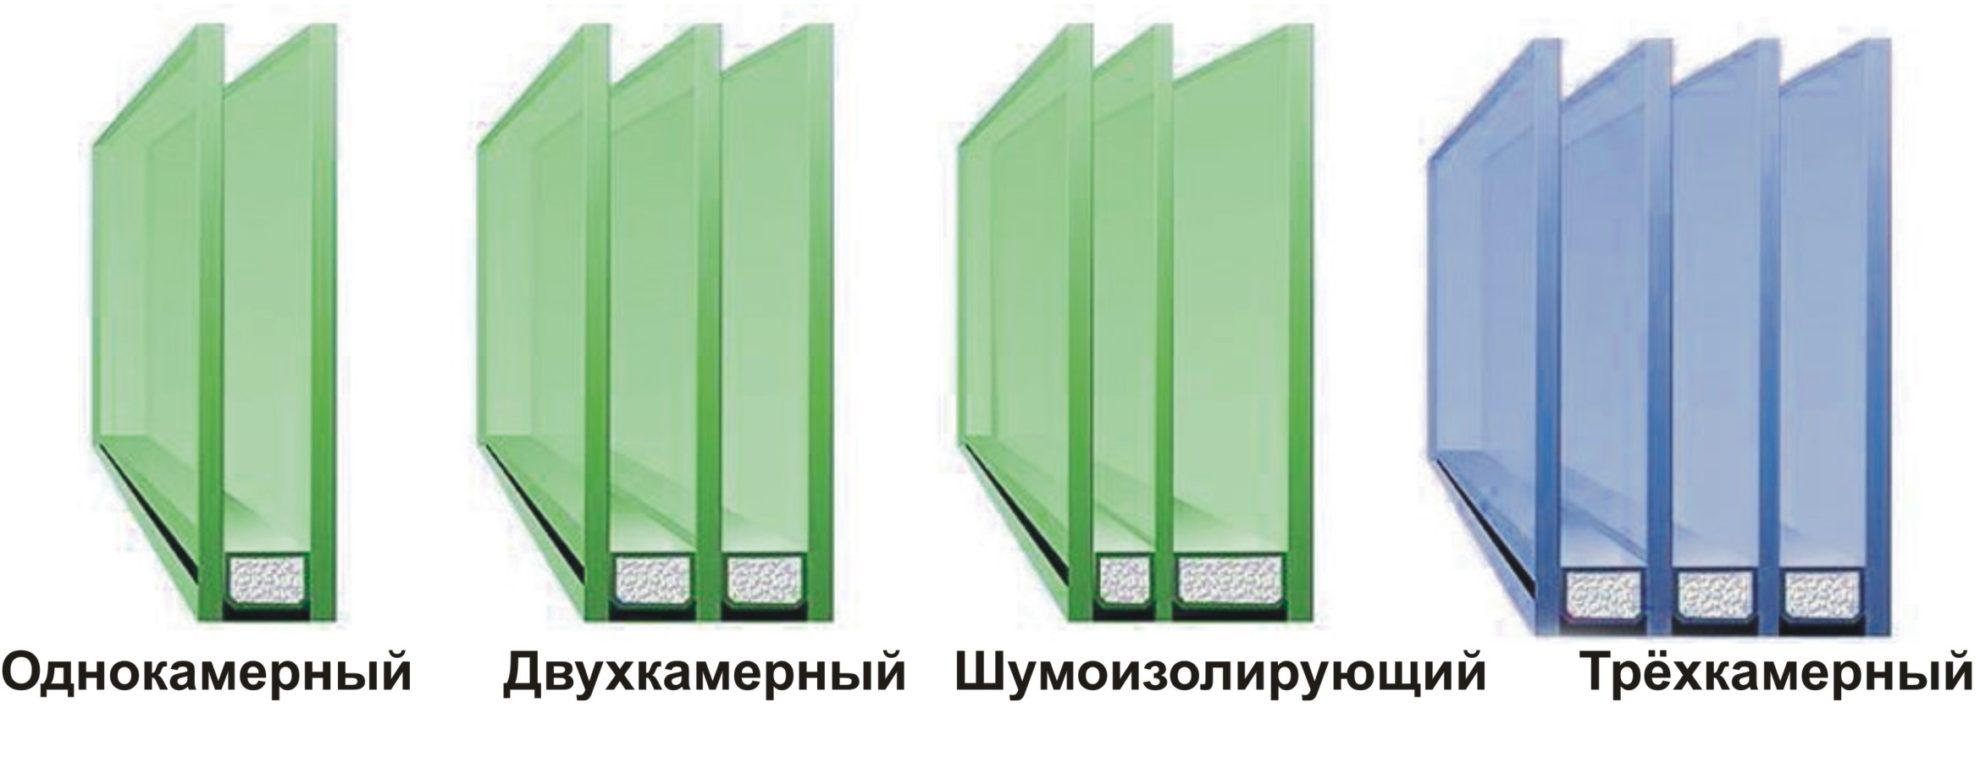 Виды стеклопакетов для пластиковых окон и дверей